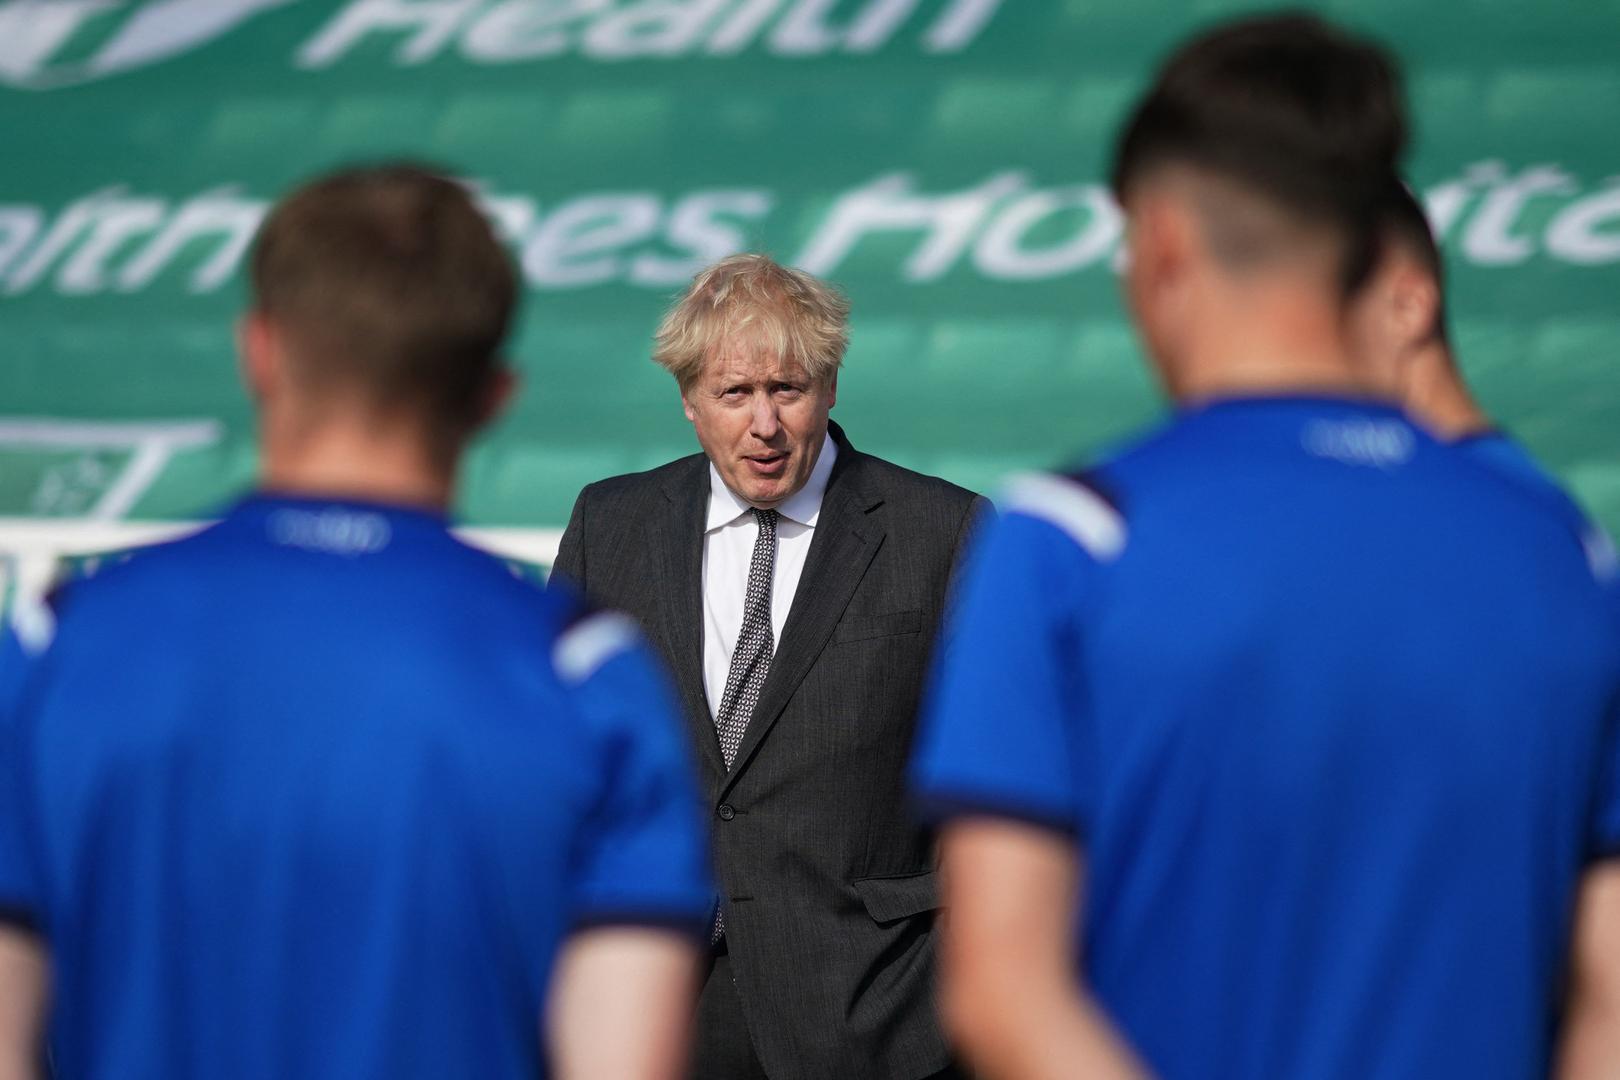 جونسون في موقف حرج بسبب العنصرية ضد لاعبي المنتخب الإنجليزي